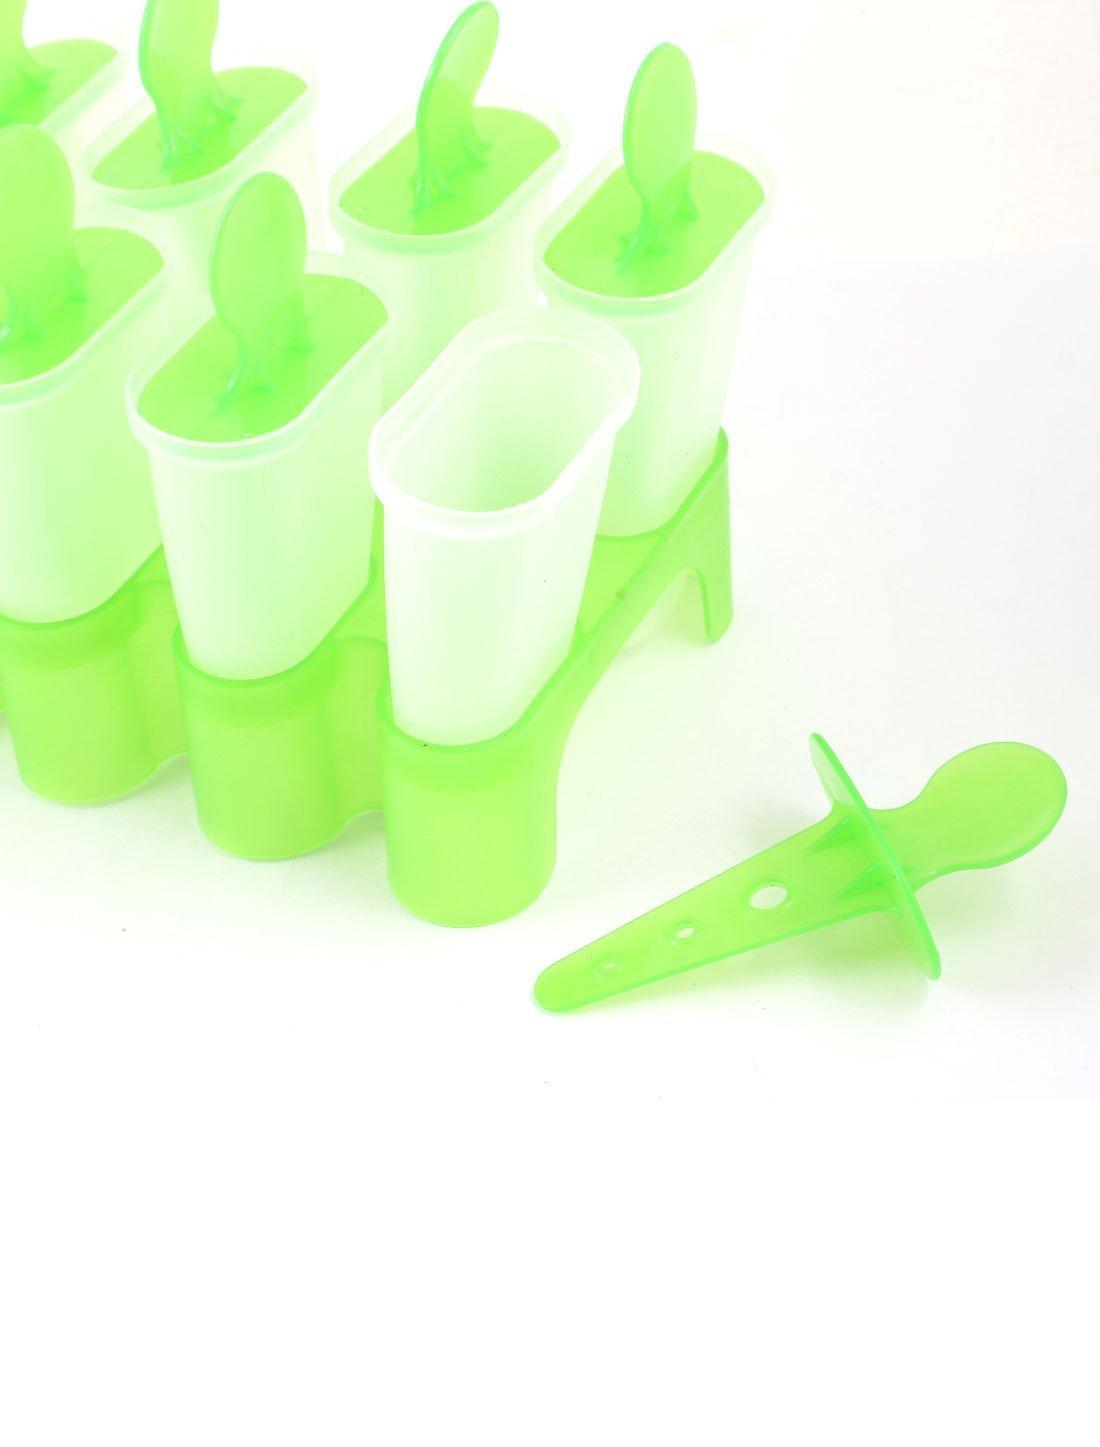 Amazon.com: eDealMax 8 compartimentos de plástico bricolaje helado de paleta molde de la bandeja Verde Claro: Kitchen & Dining